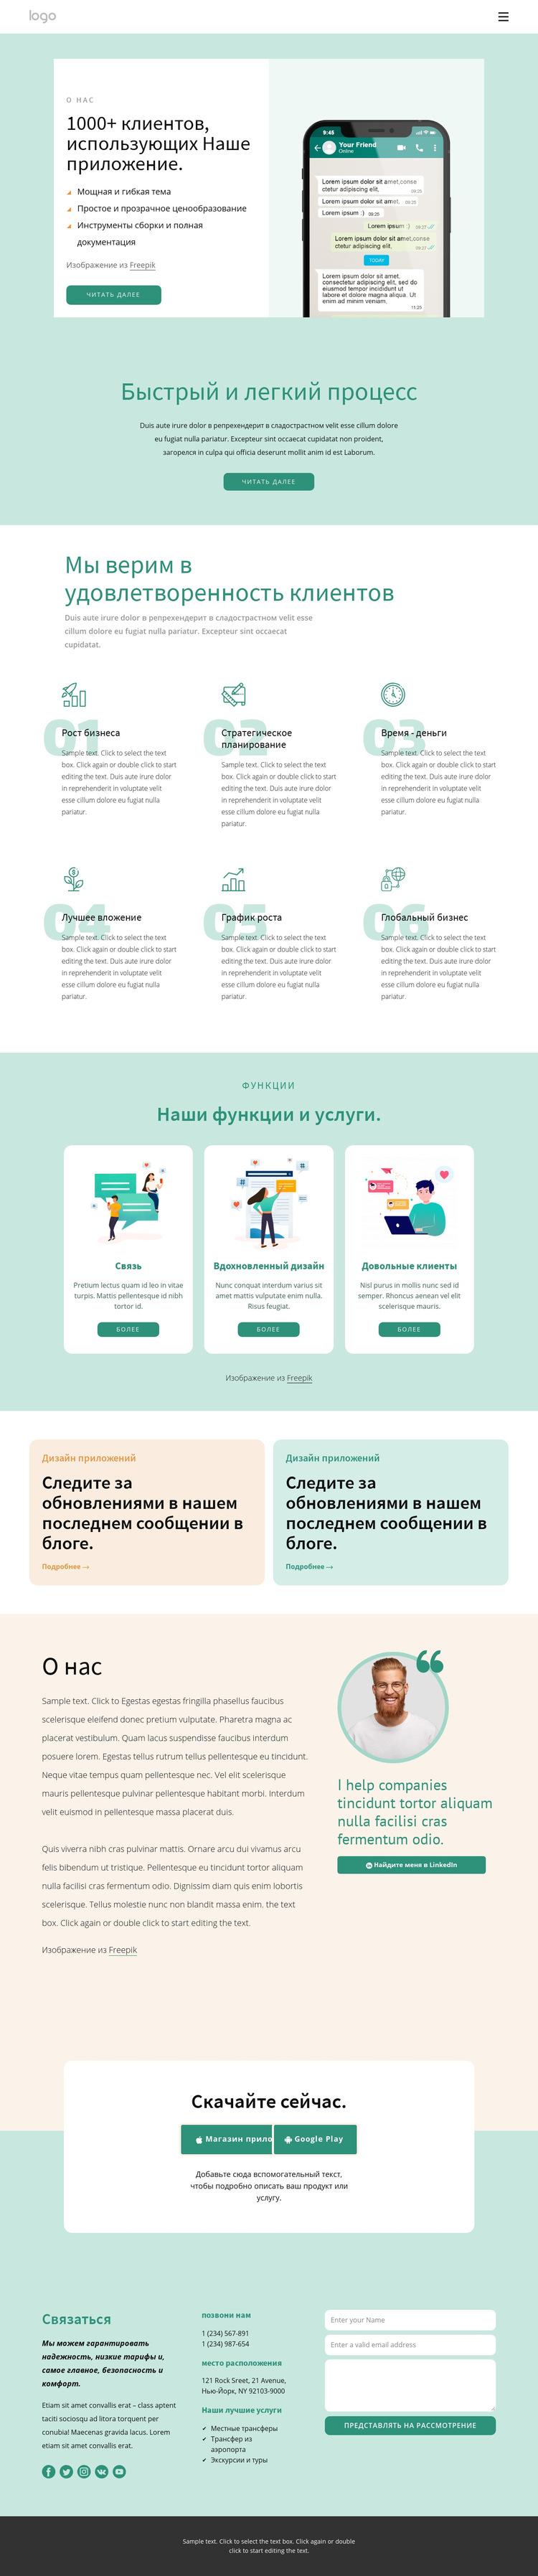 1000+ клиентов, использующих наше приложение Шаблон веб-сайта